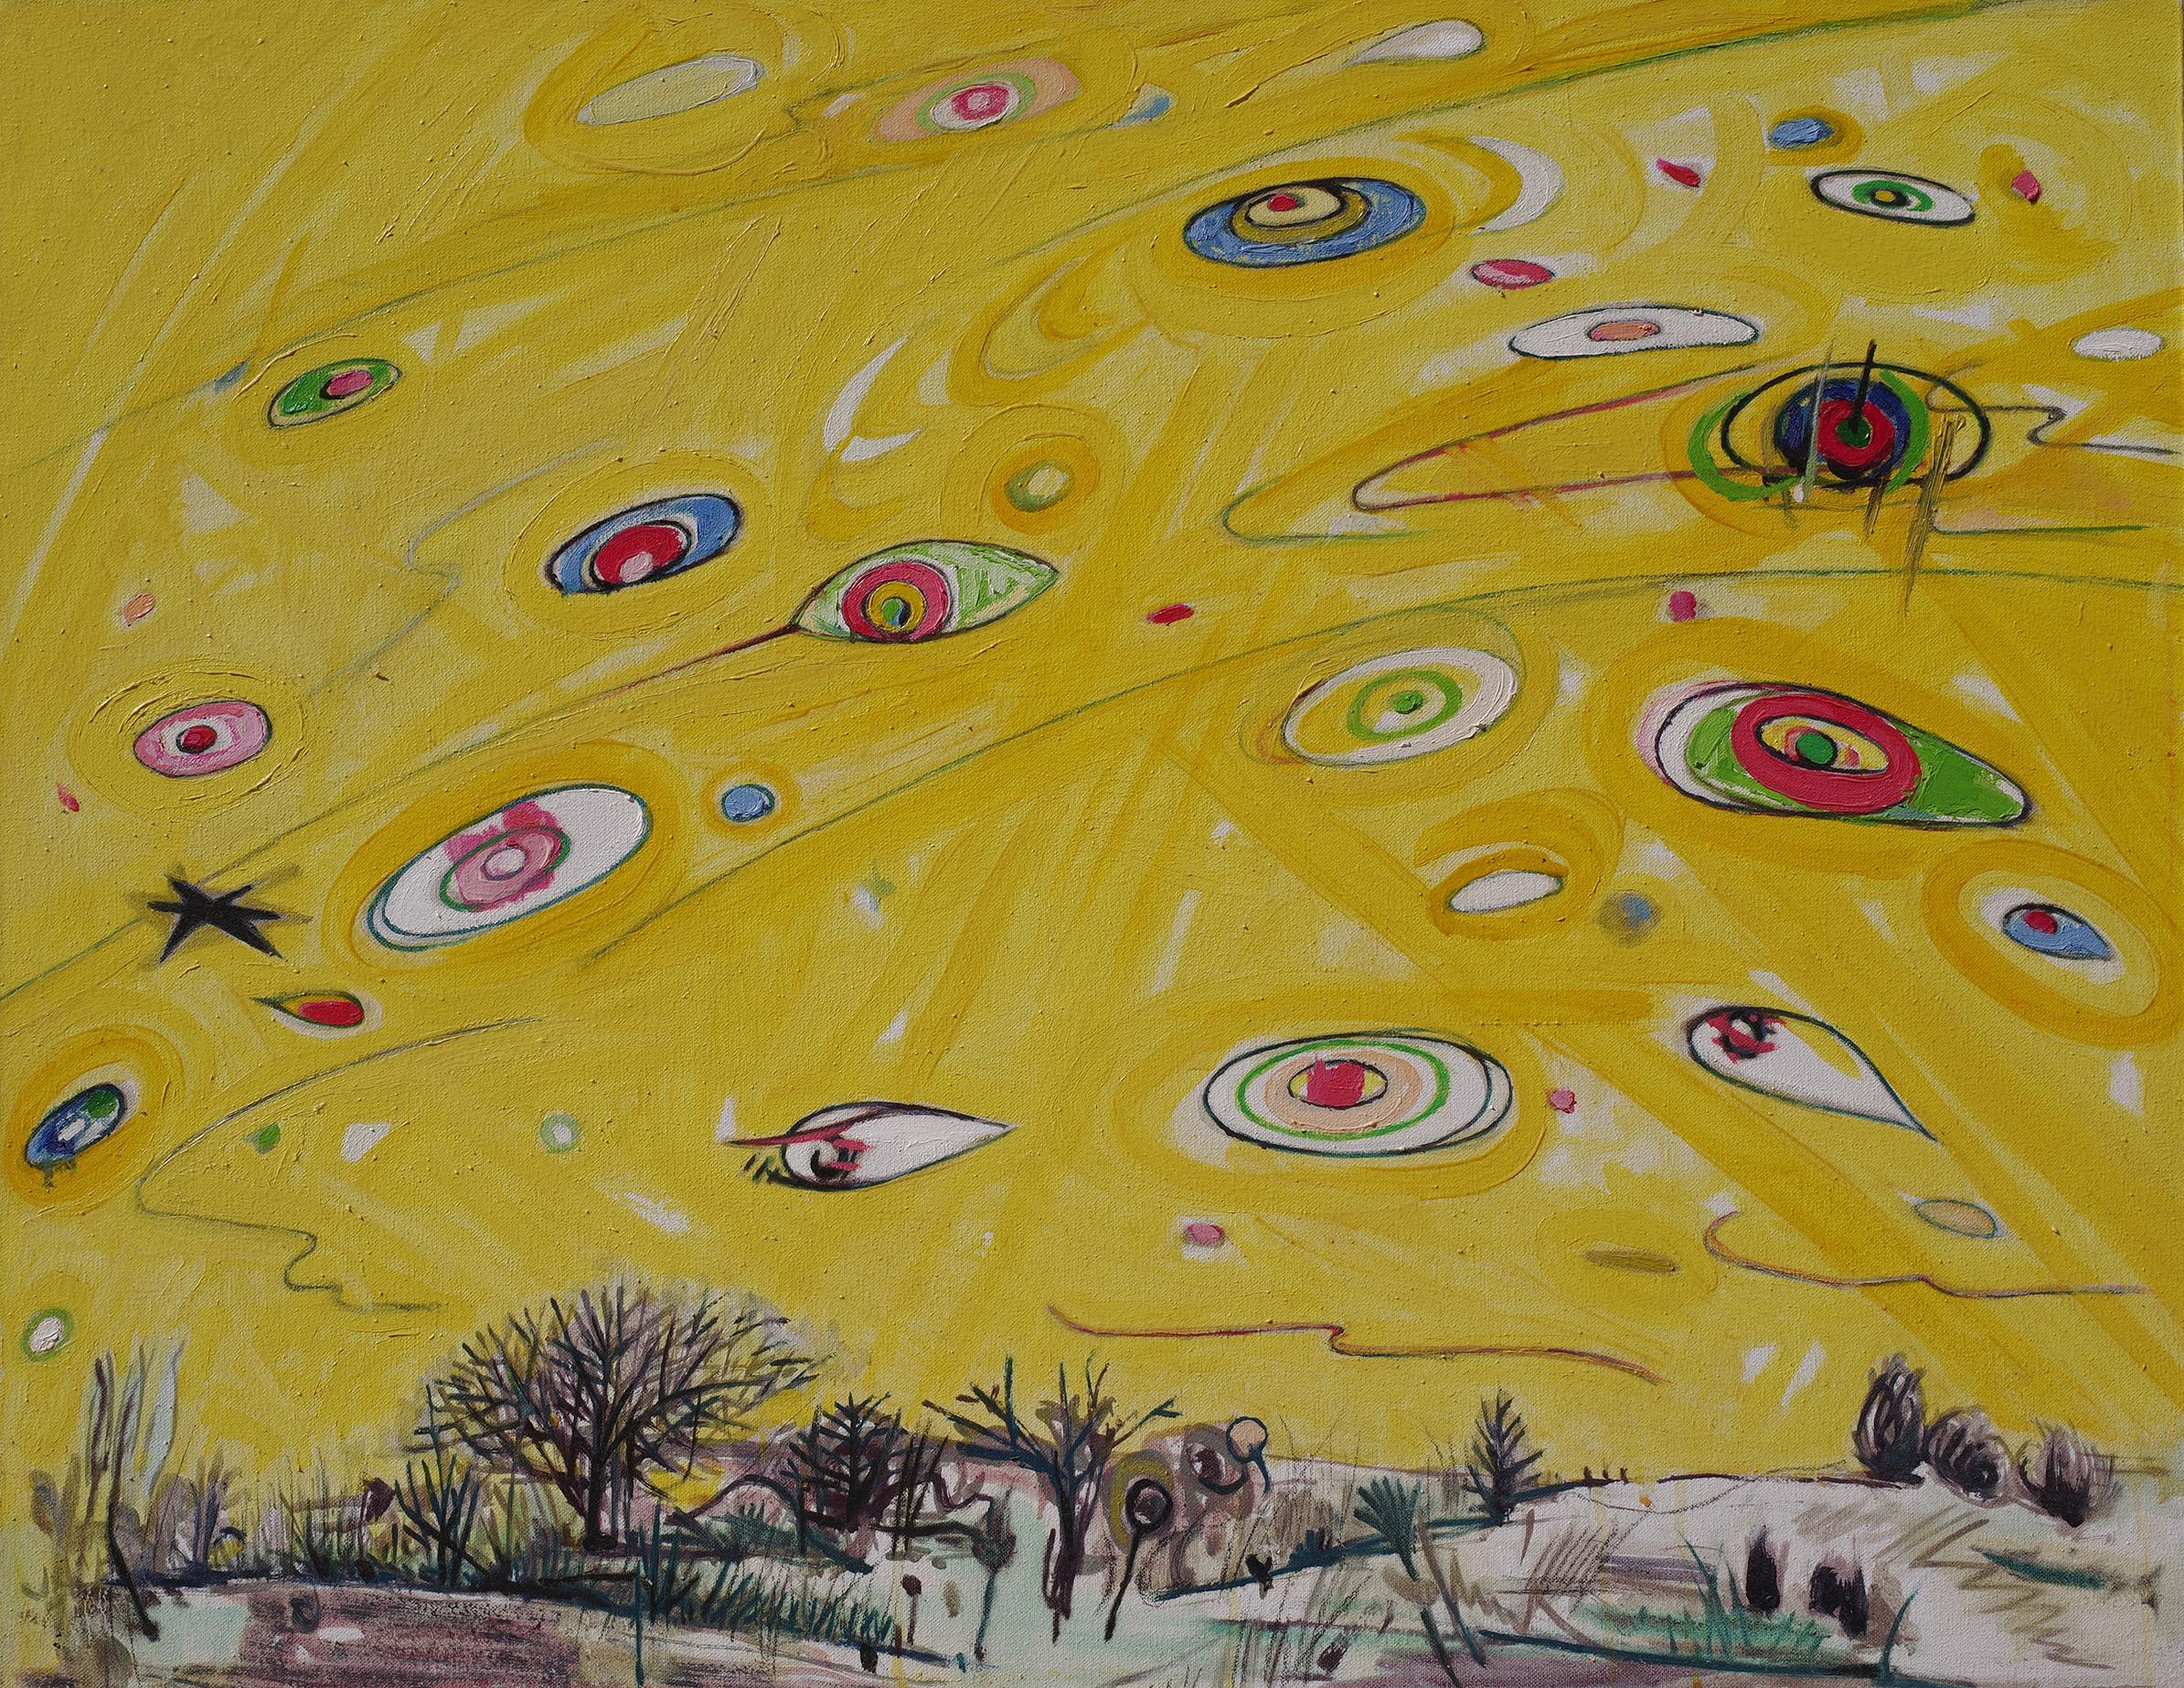 Chen Li, The Joyful Universe, 2010, oil on linen canvas, 90cm x 90cm